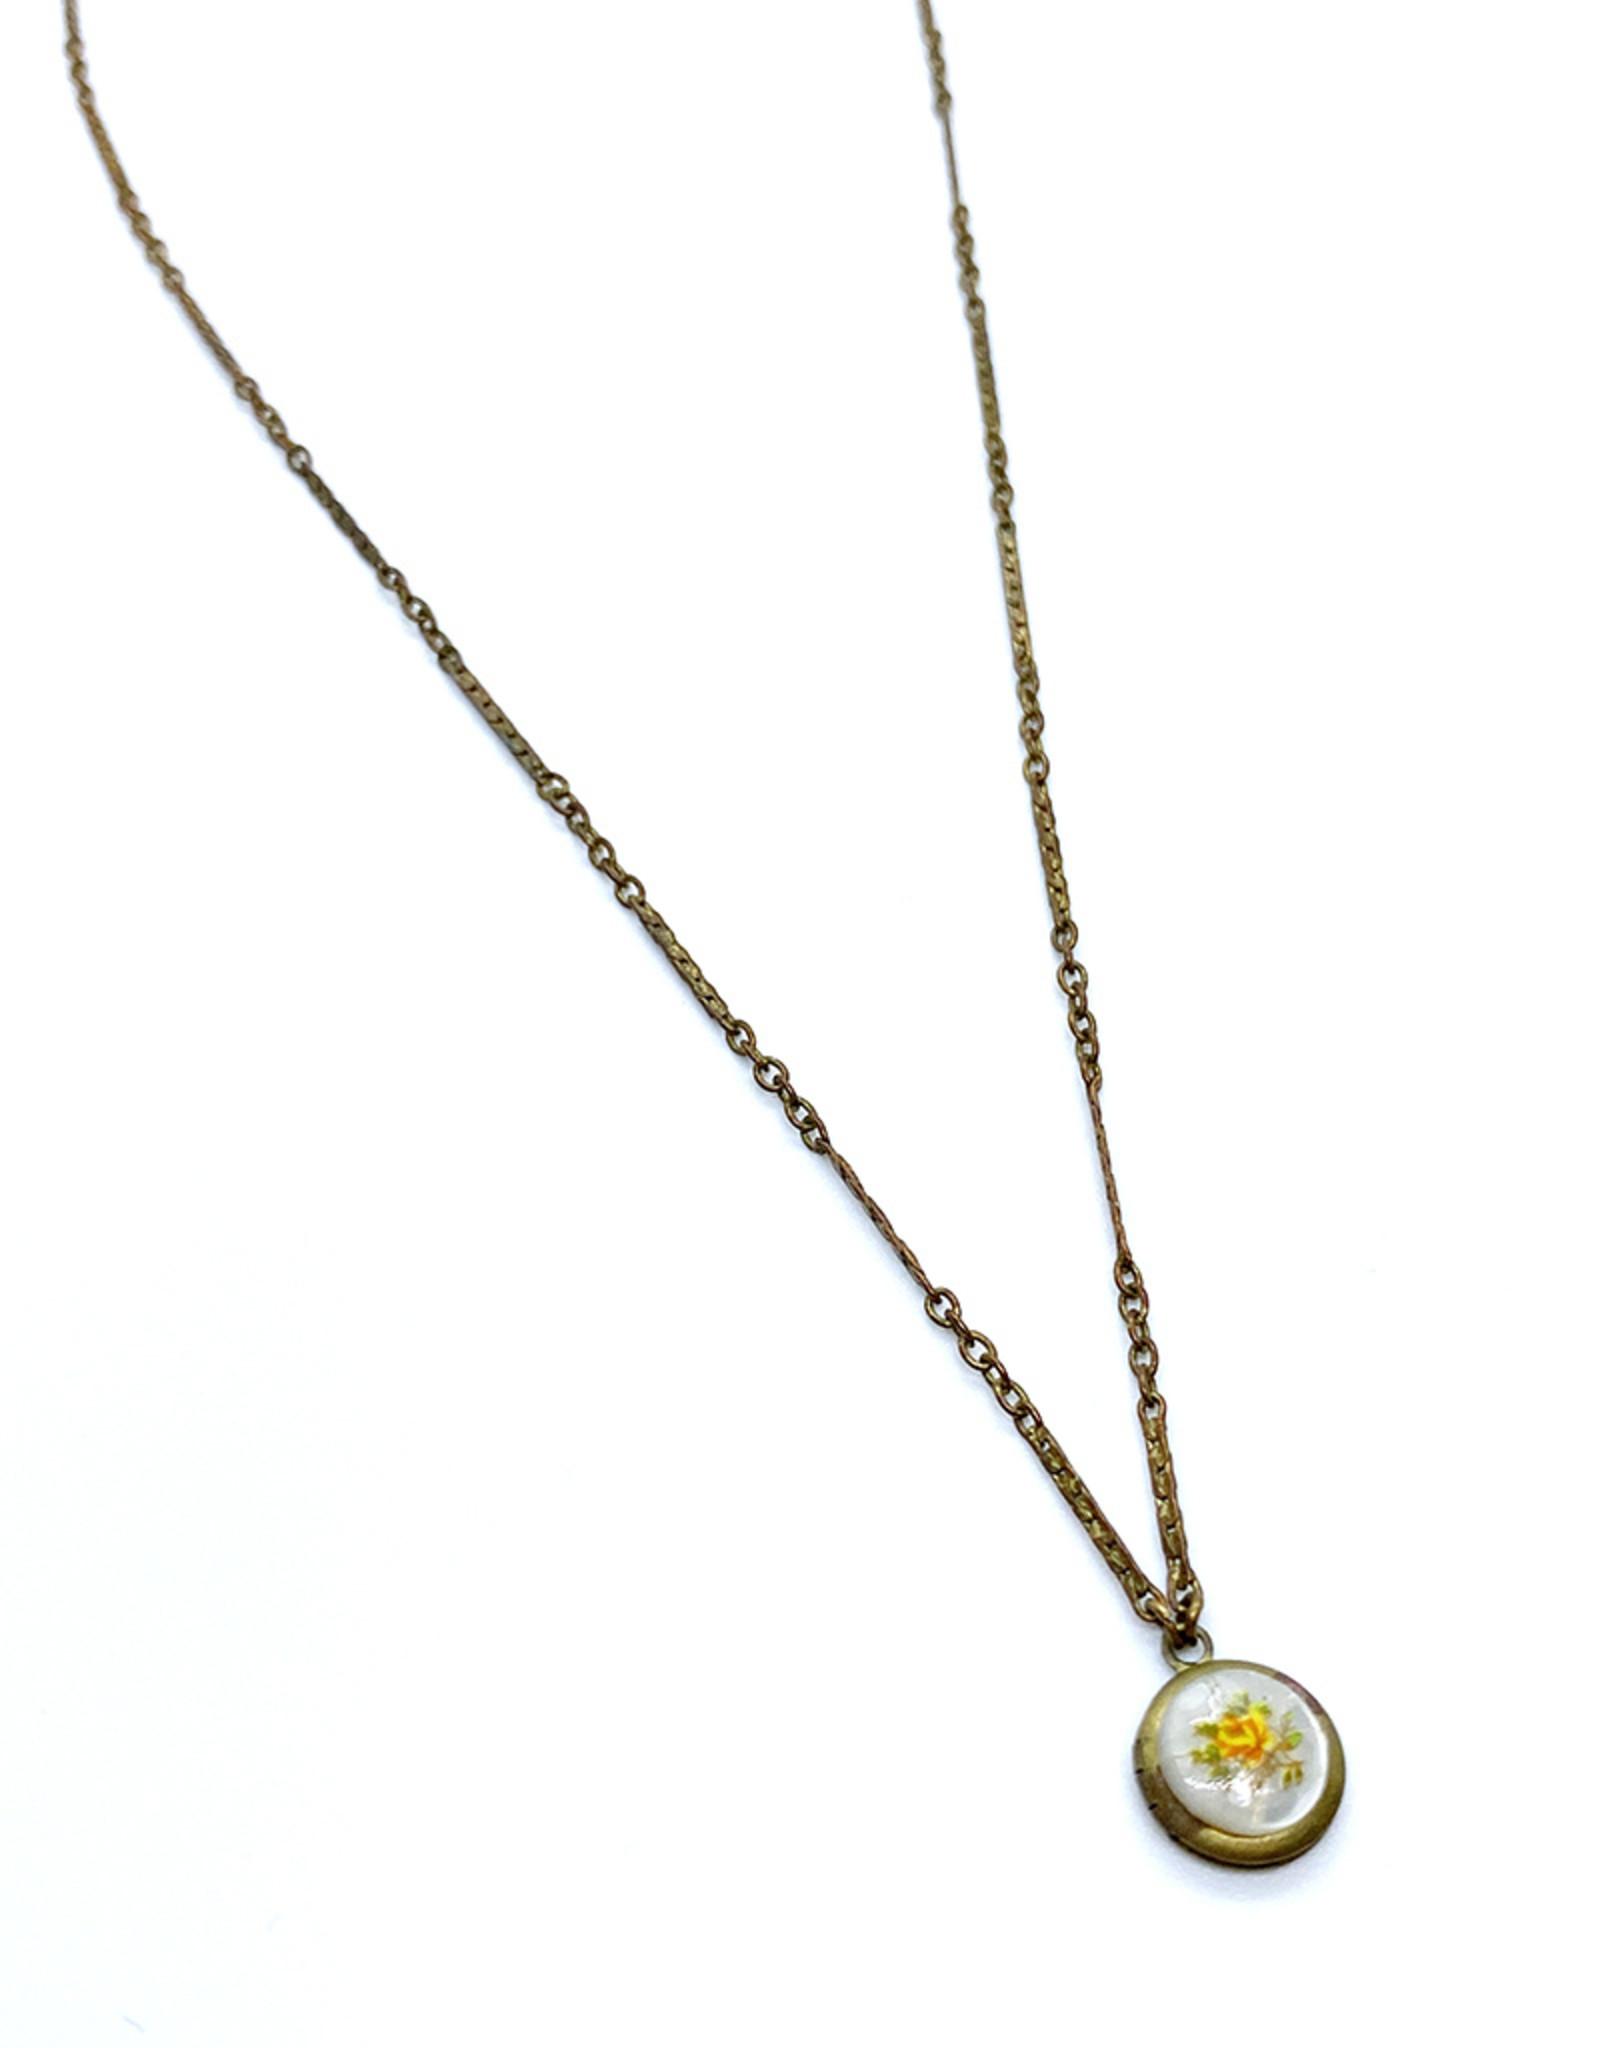 kizmet jewelry Small Floral Detailed Locket by Kizmet Jewelry